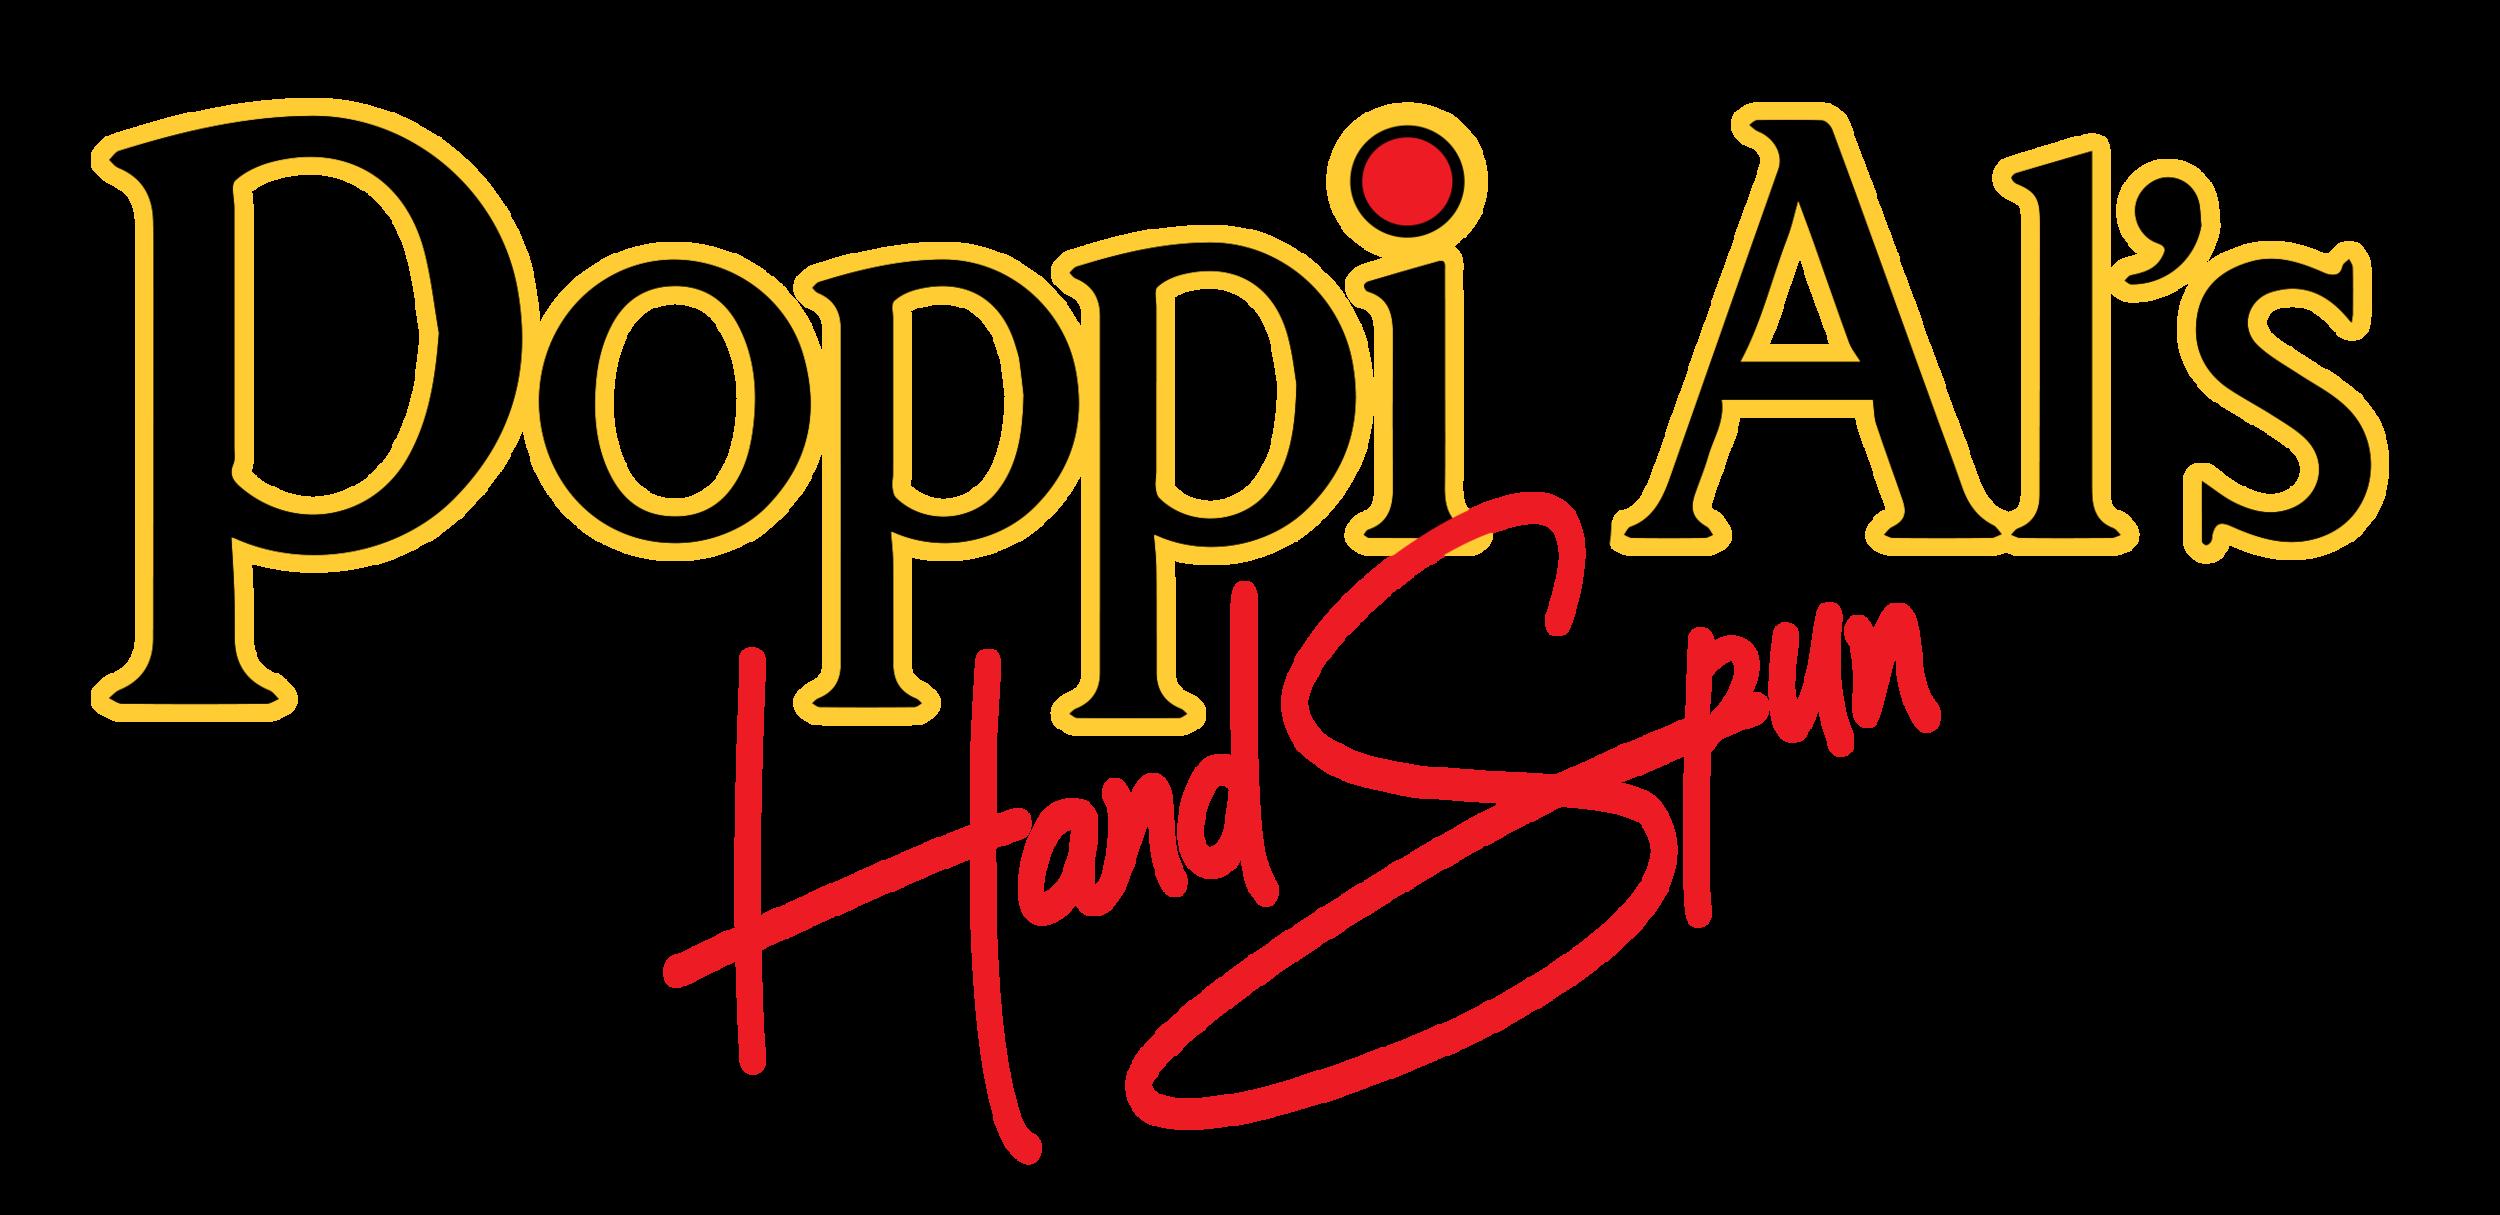 PoppiAls_logocomp_FIN2.png